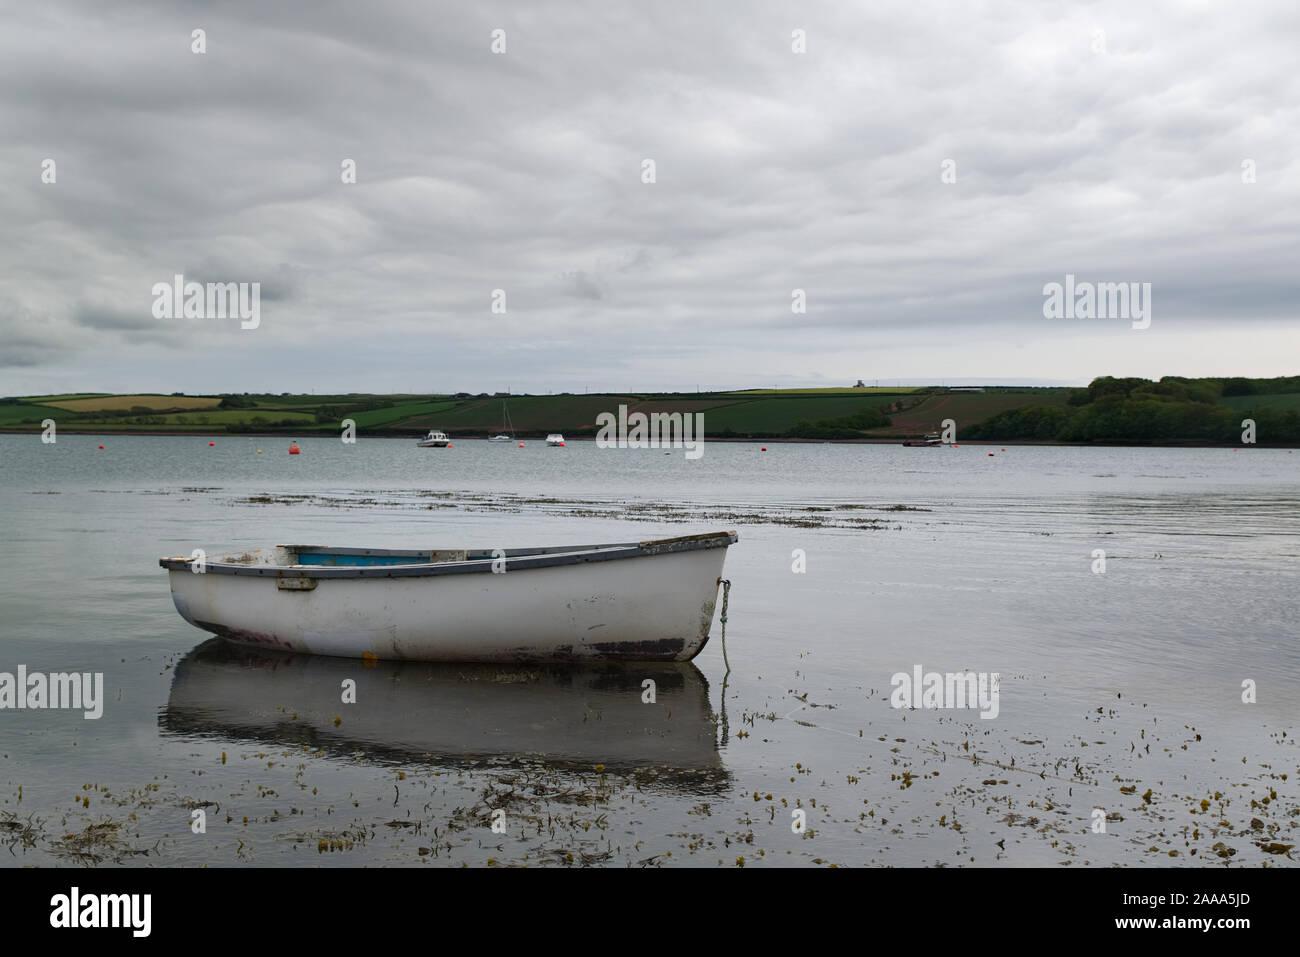 Bote de remos blancos amarrados con reflejos en el agua con los botes y tierras fuera de foco en el fondo. Concepto de pesca Foto de stock